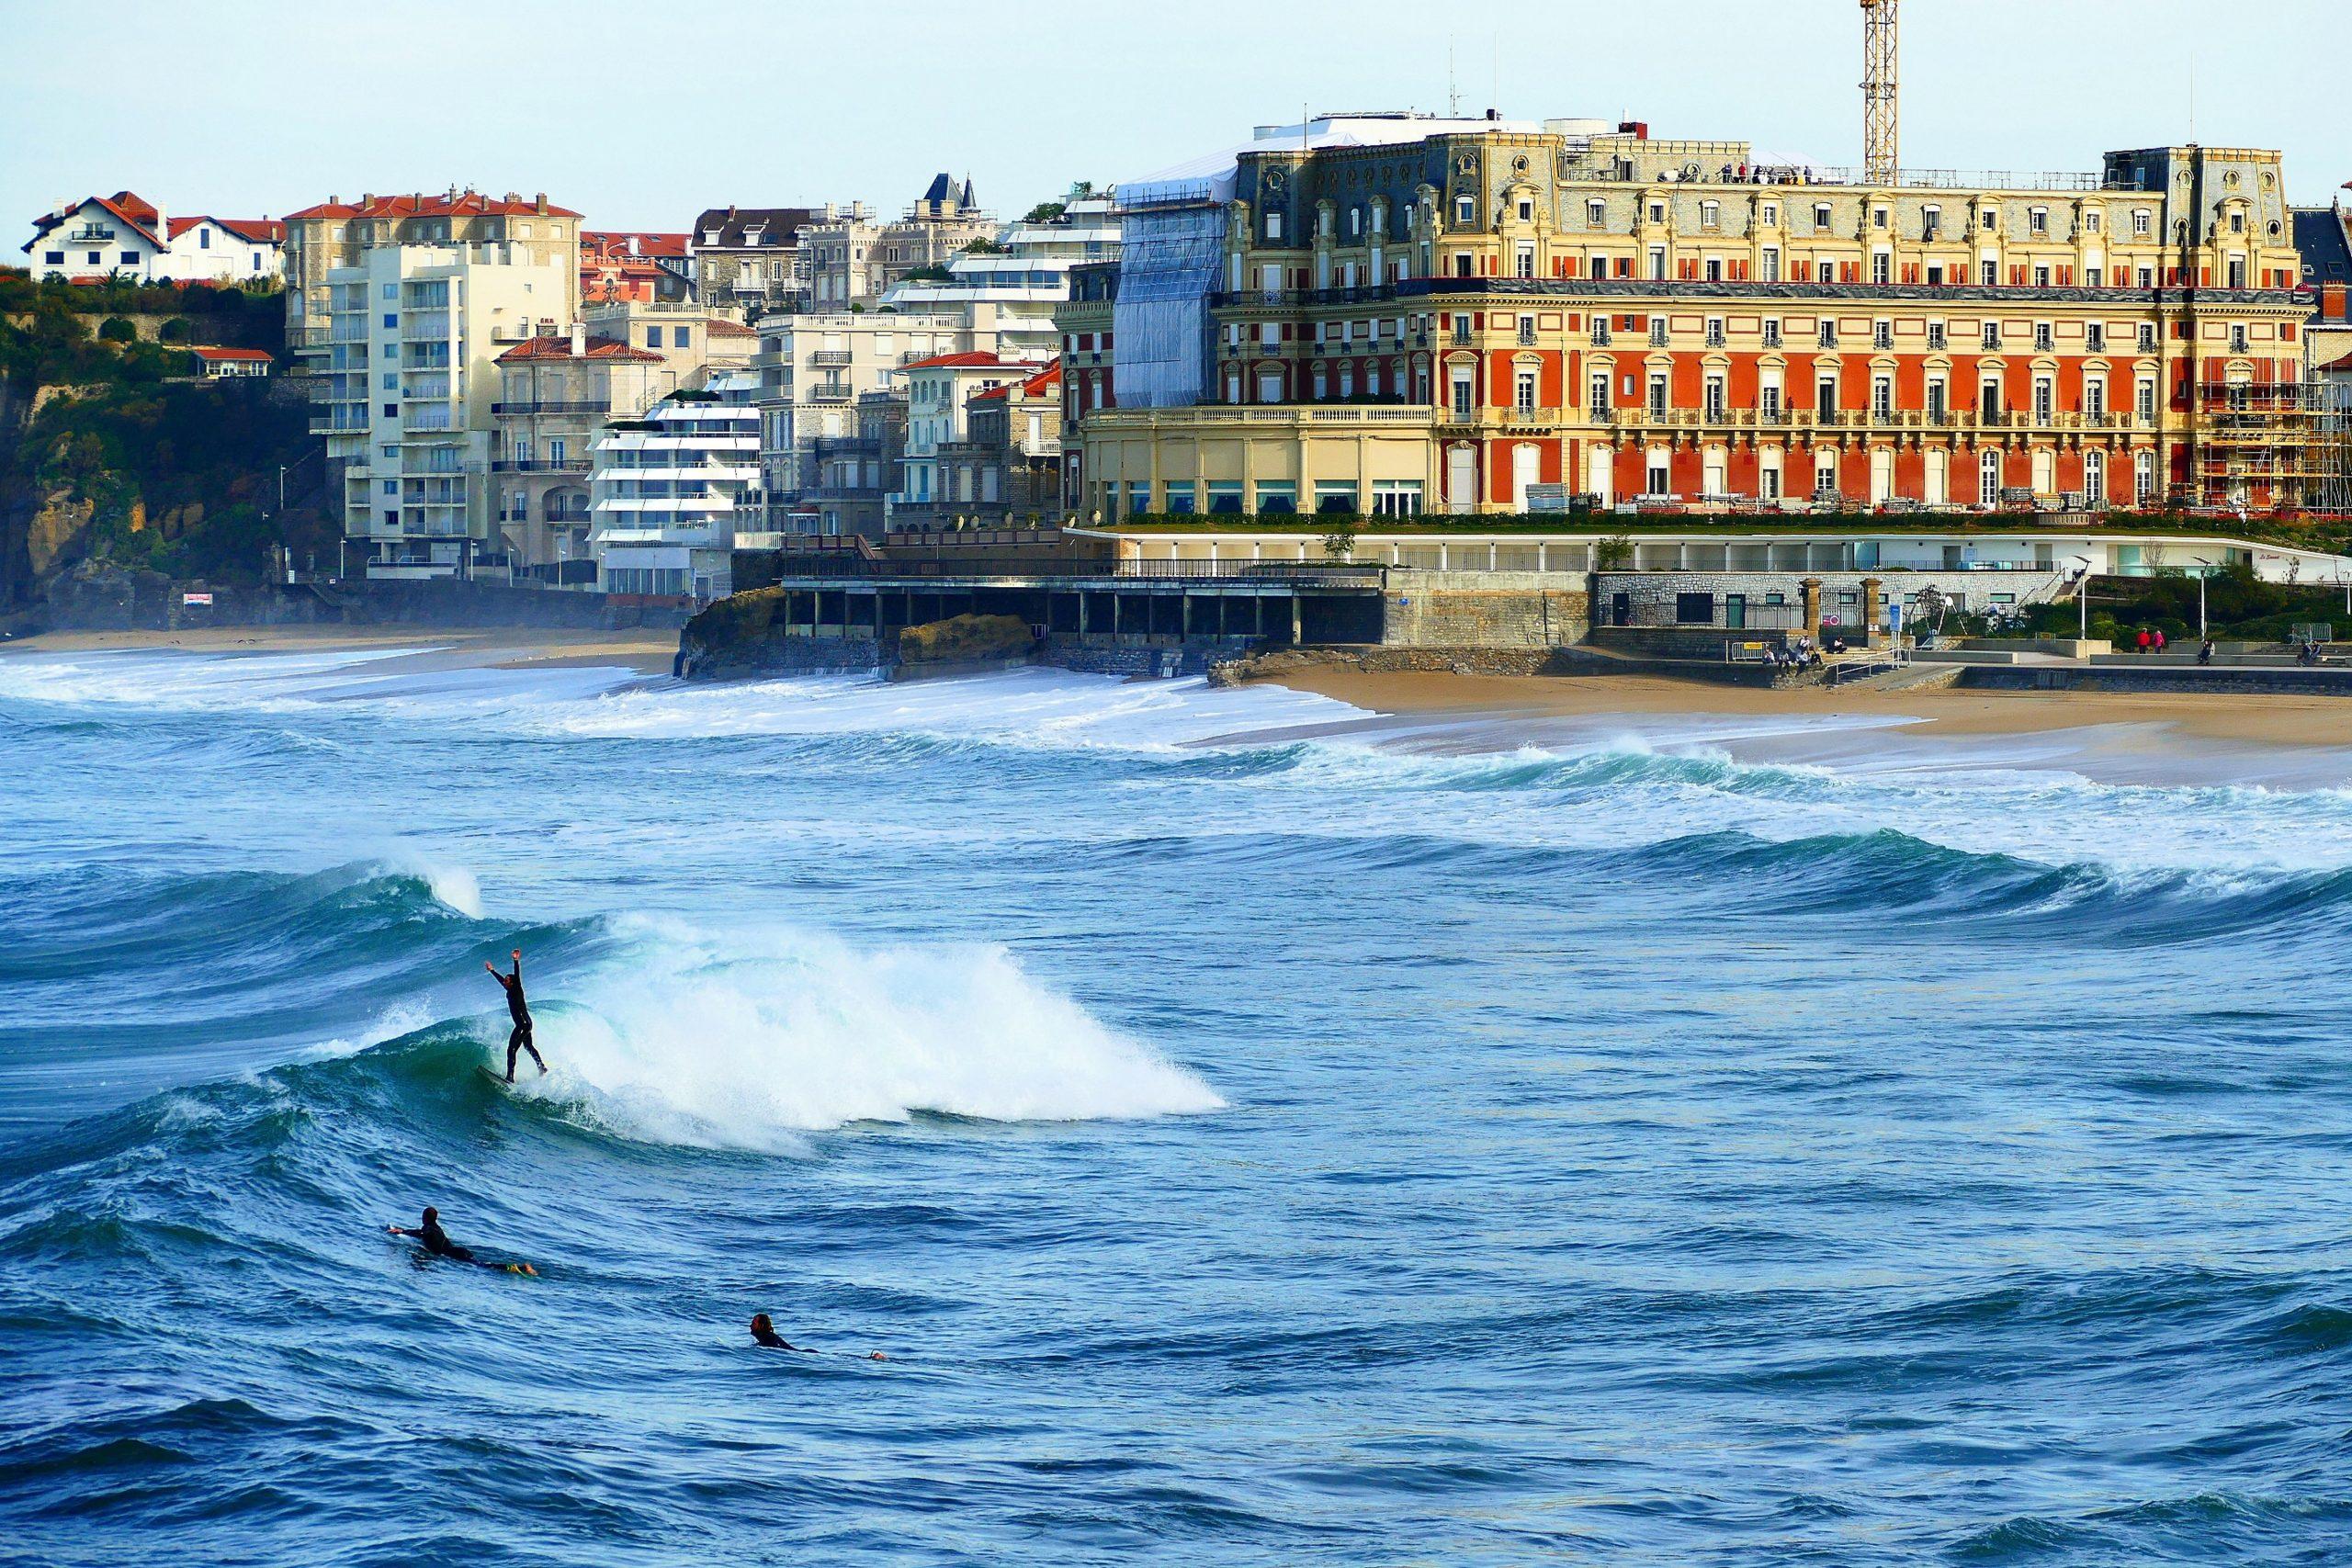 Grande Plage Biarritz activité Biarritz quoi faire à Biarritz